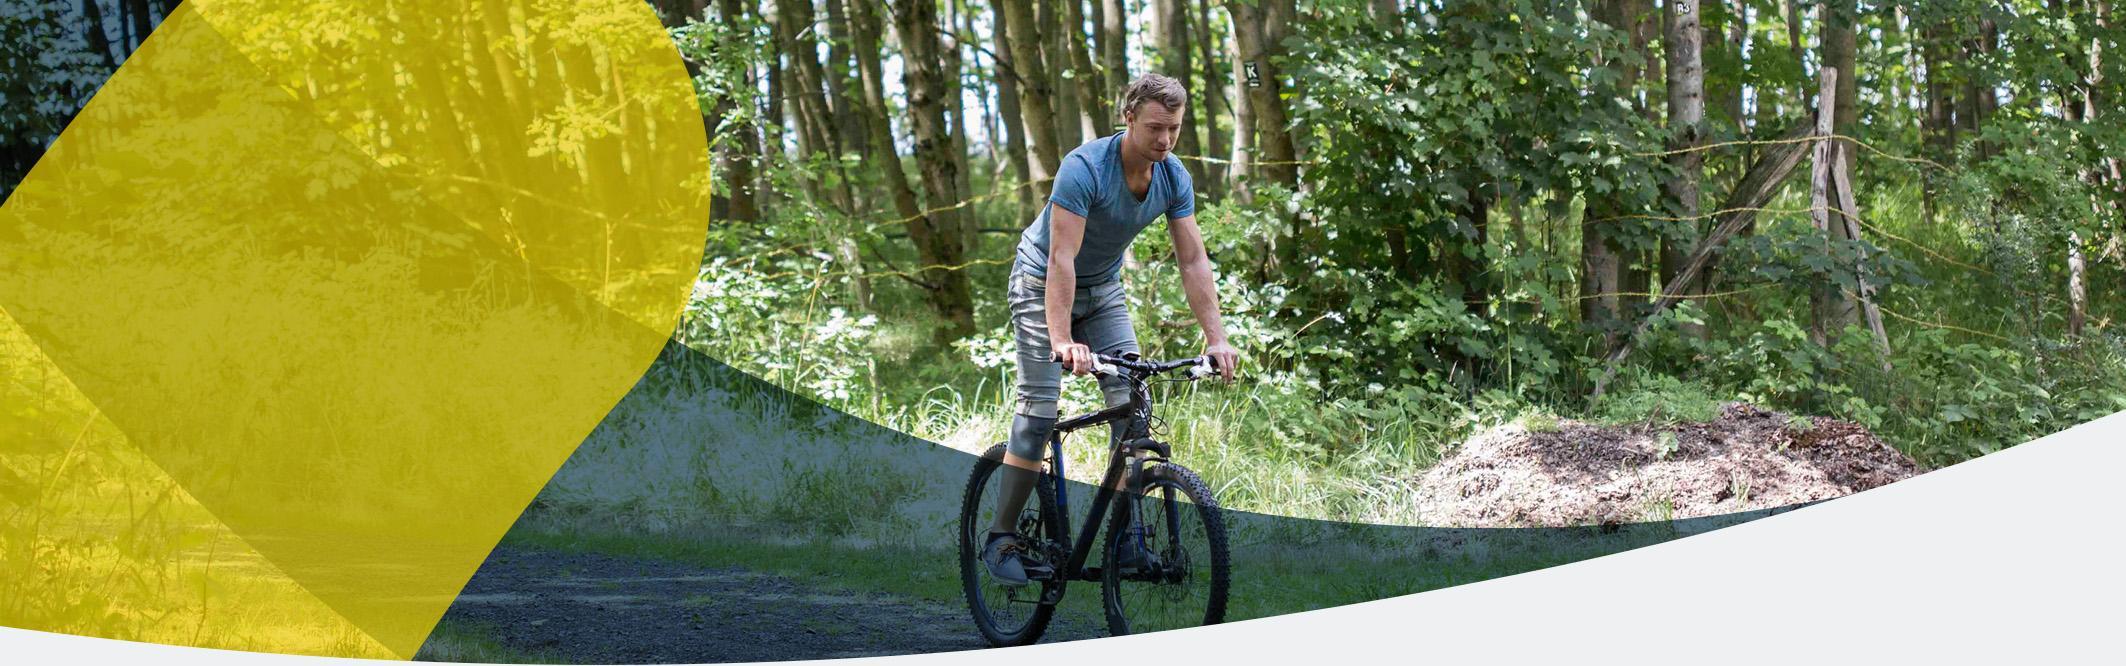 Erfahrungsbericht zu APT Prothesen von David Behre - Spitzensportler und Kunde